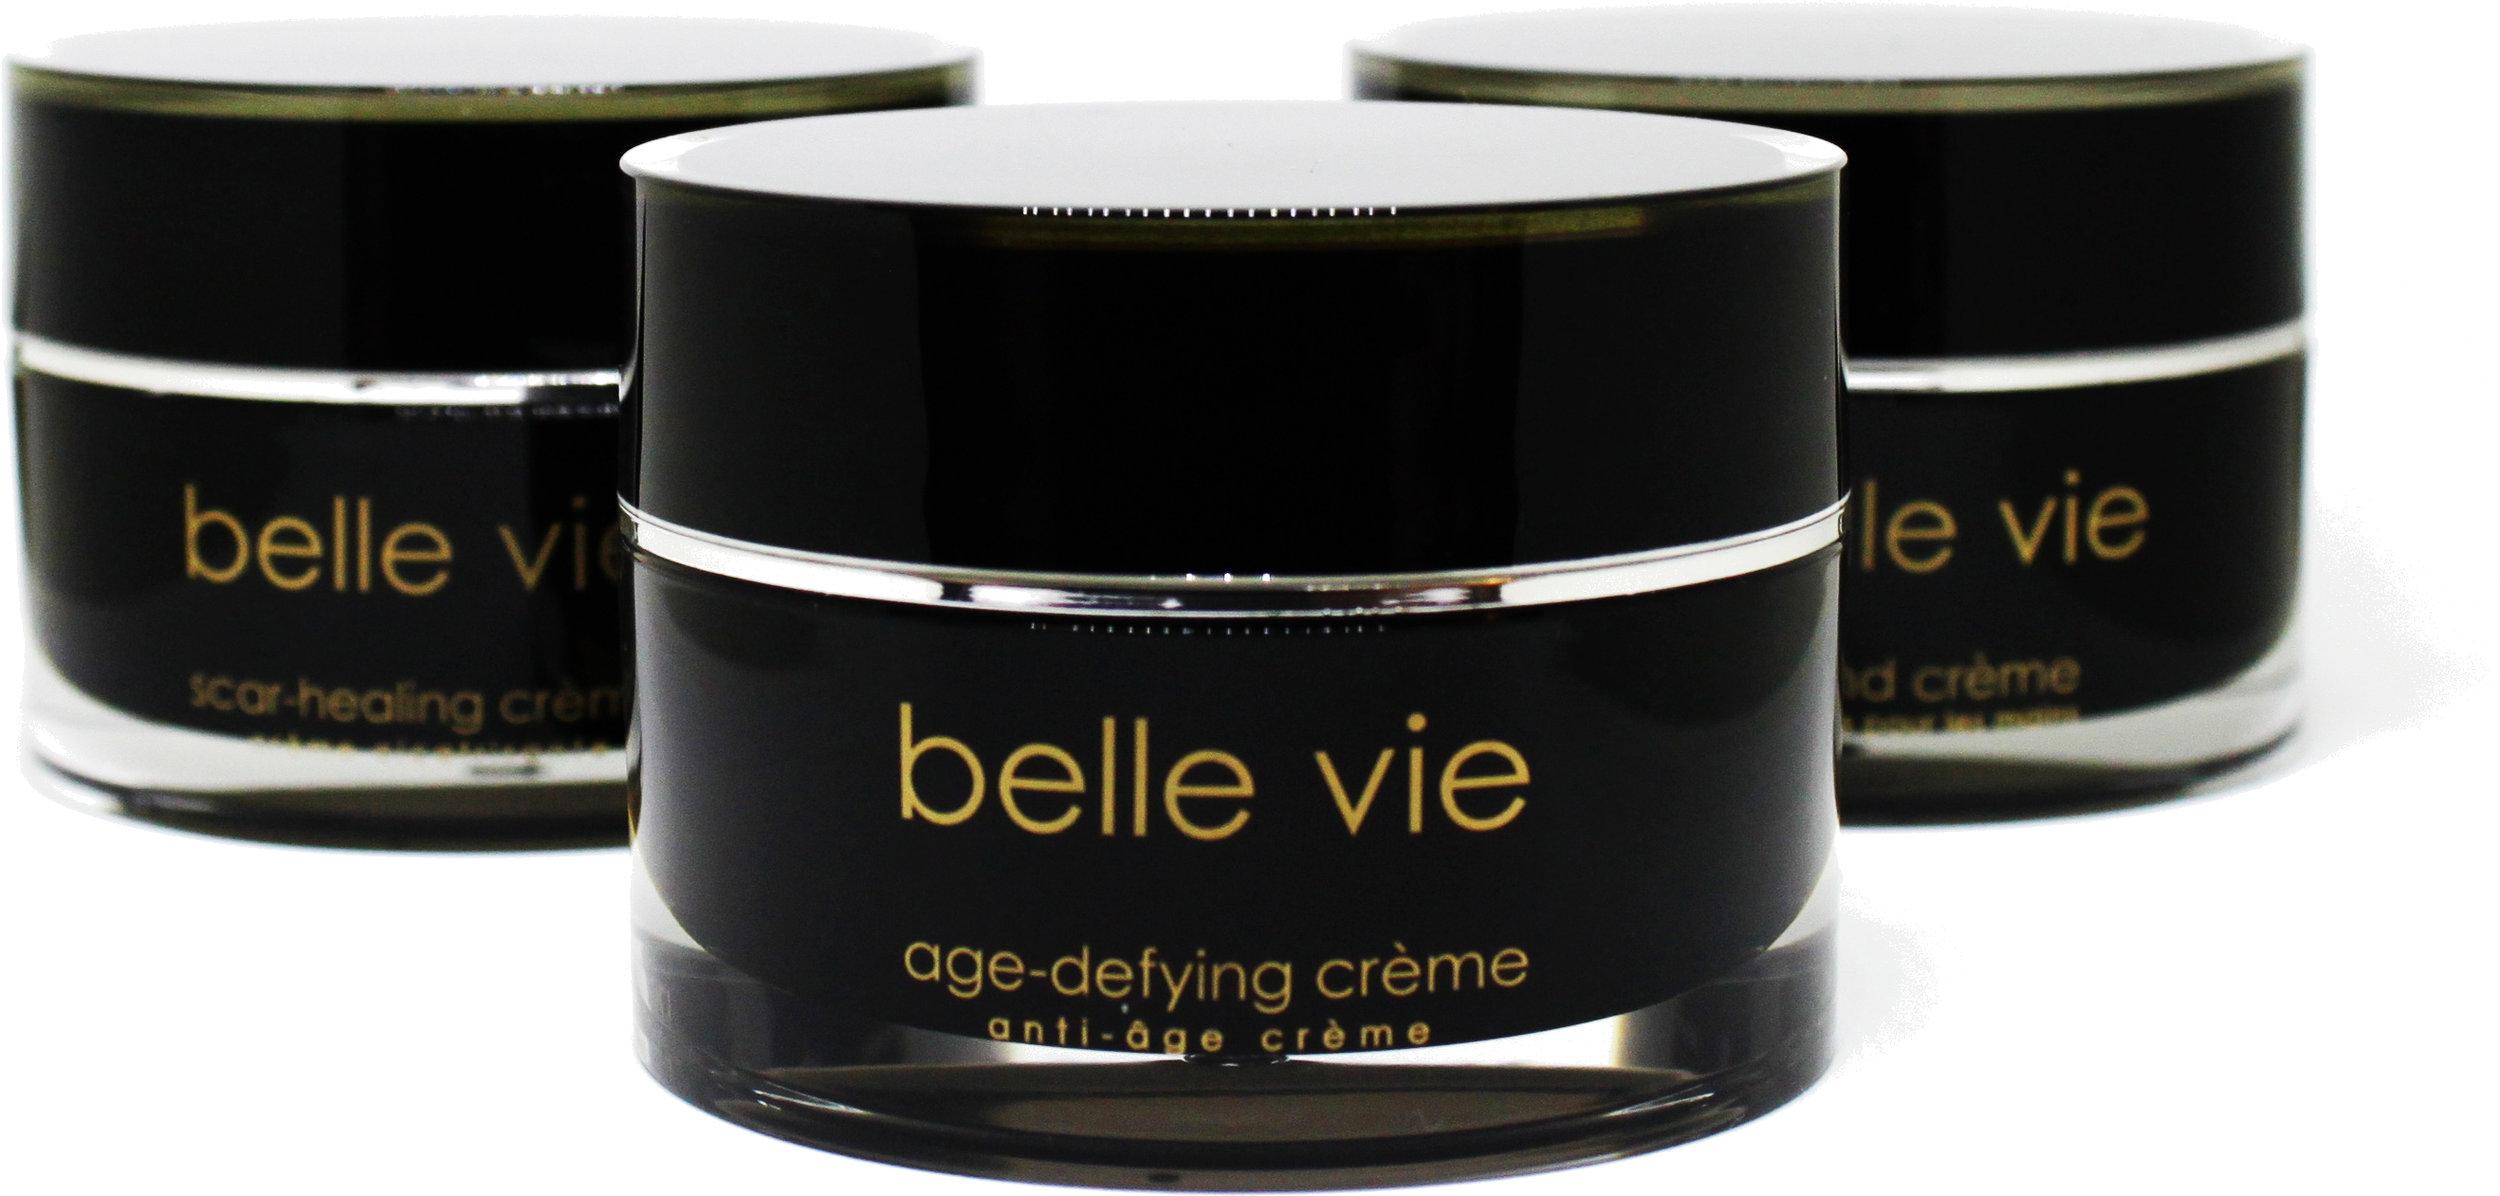 belle vie - ageless gift set FRONT (1).jpg